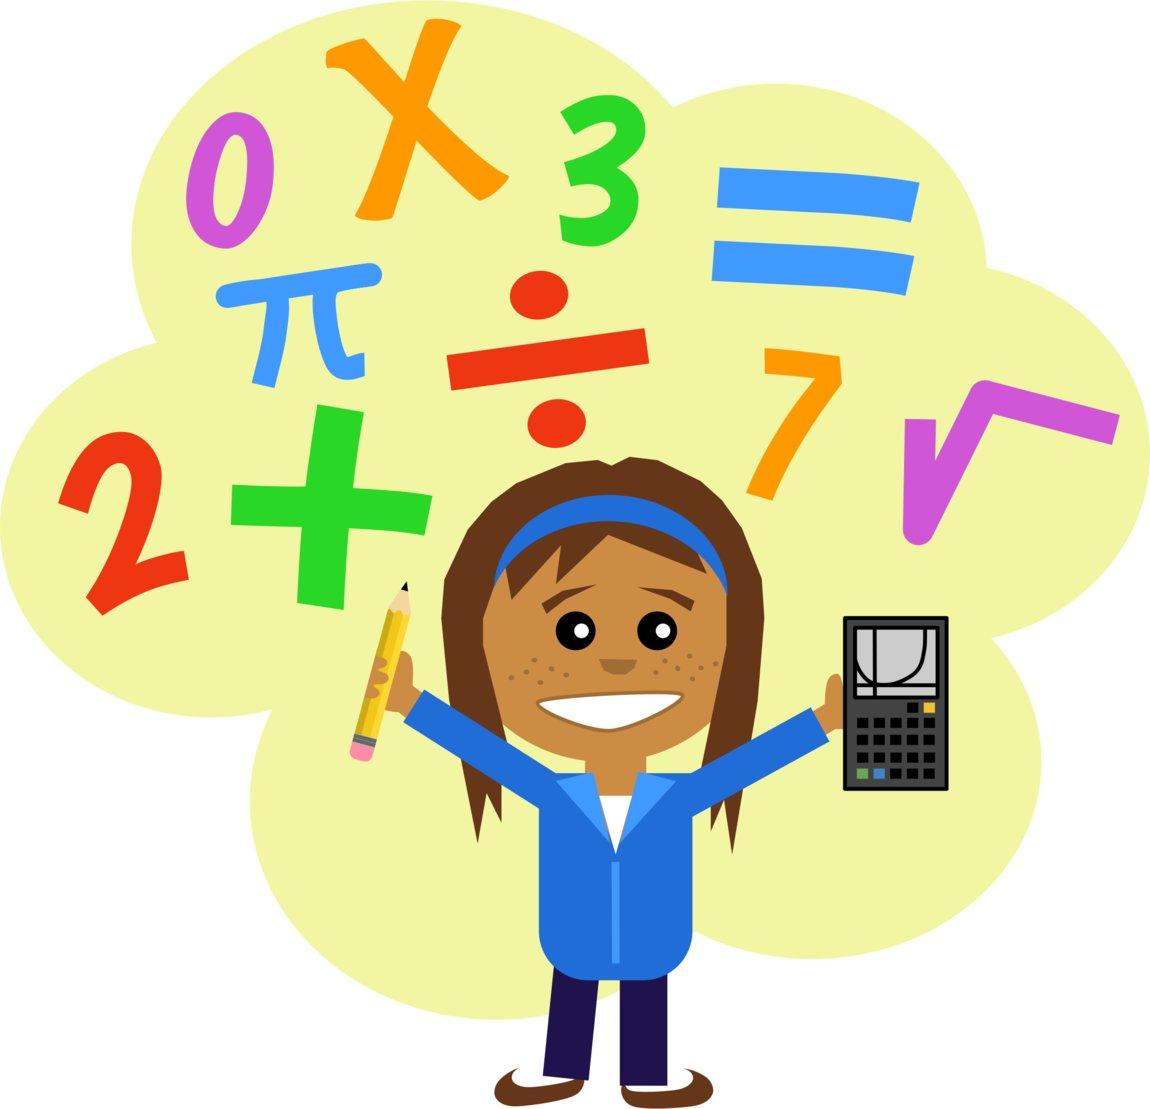 Картинки по математике для оформления презентации